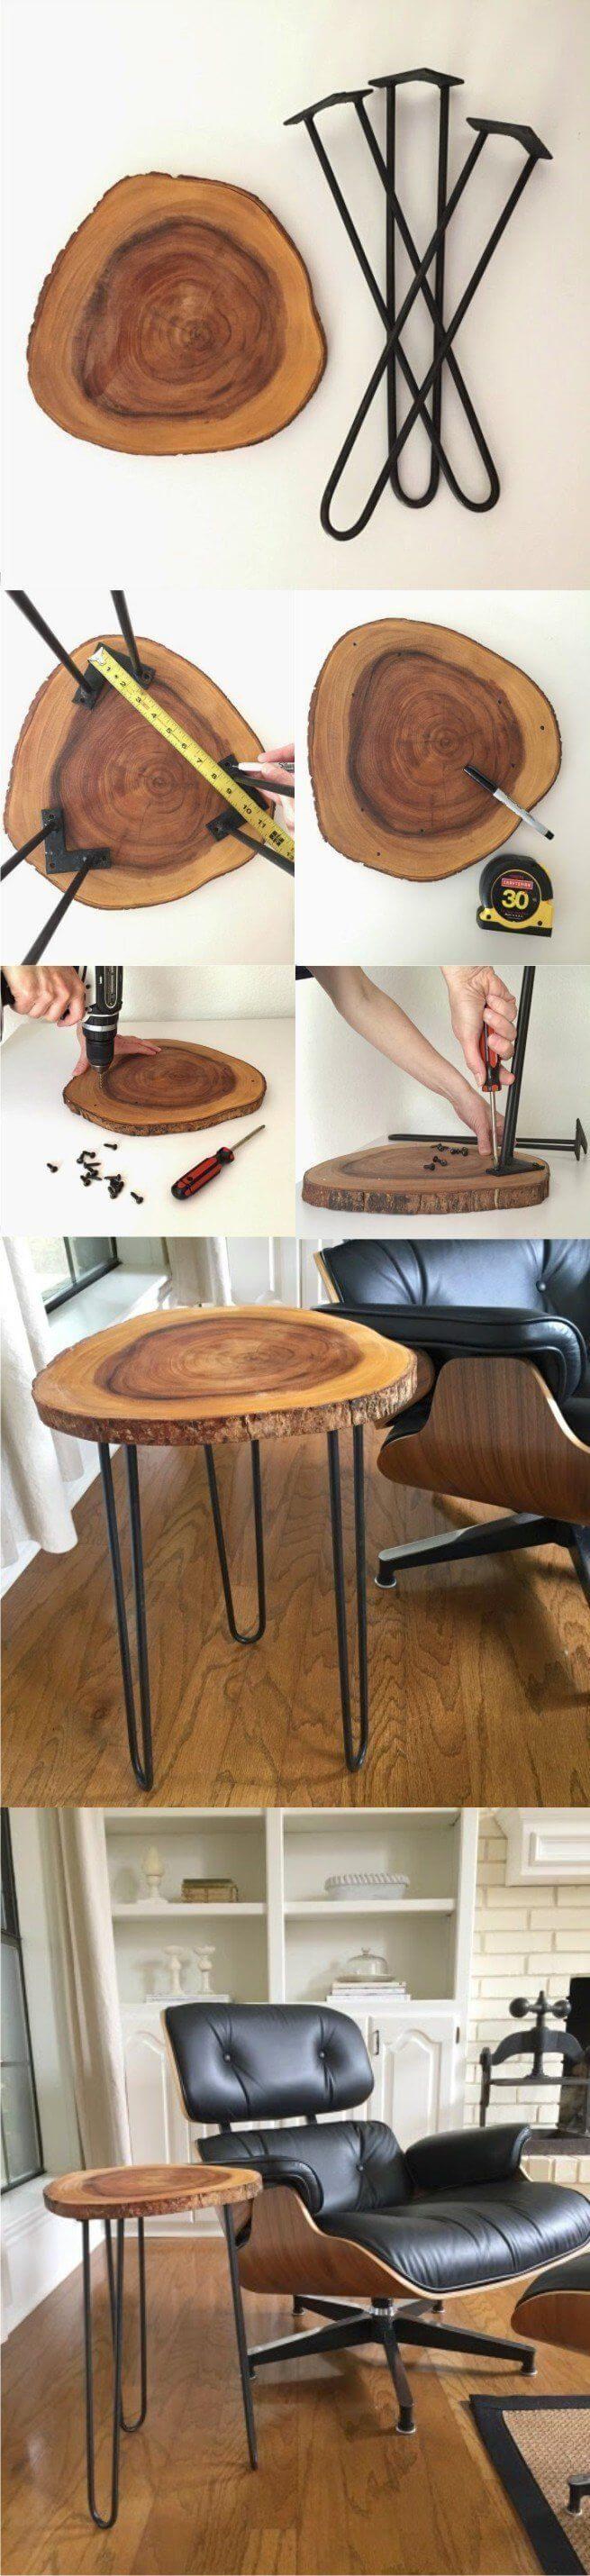 32 kreative Bastelprojekte aus Holz, die Sie ausprobieren sollten …, #of